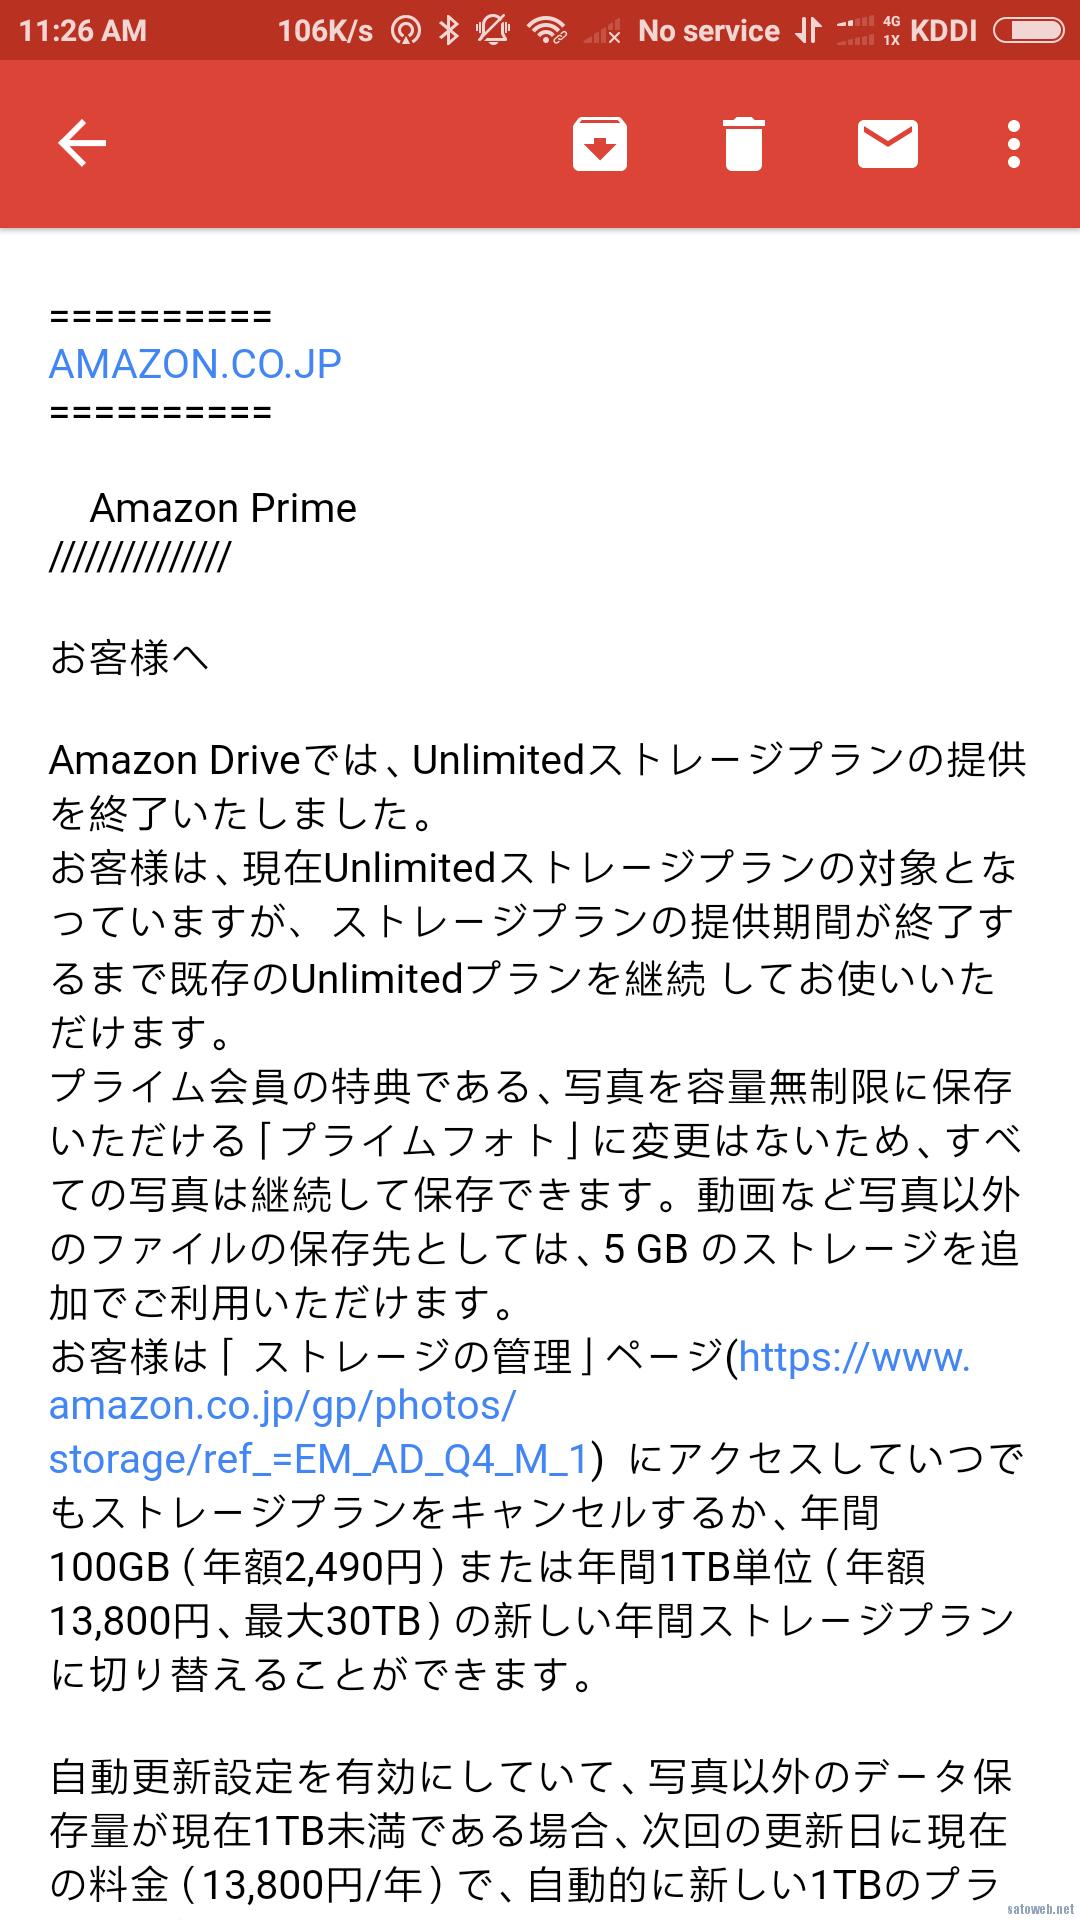 AmazonDrive,Unlimitedストレージが日本でも終了。アンリミテッドなんてなかったんや。。。